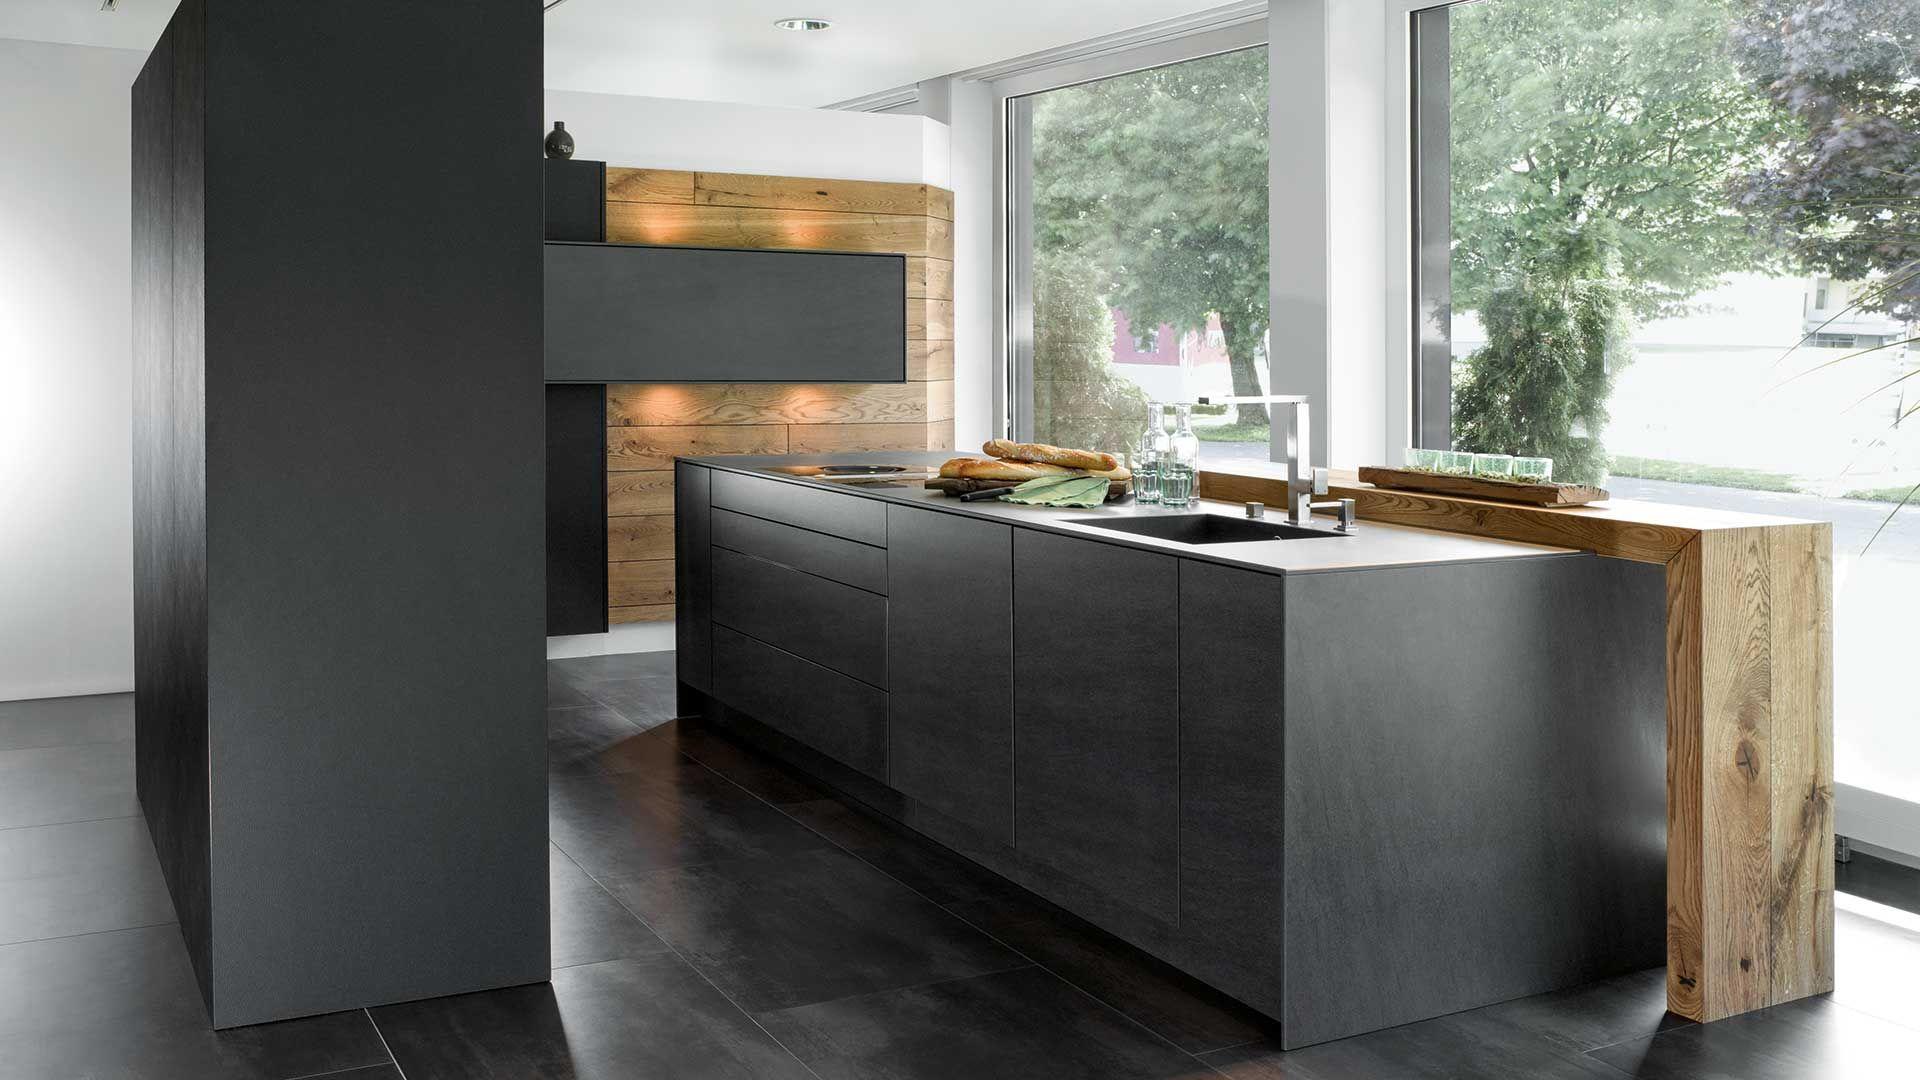 küche anthrazit | jtleigh - hausgestaltung ideen, Hause ideen